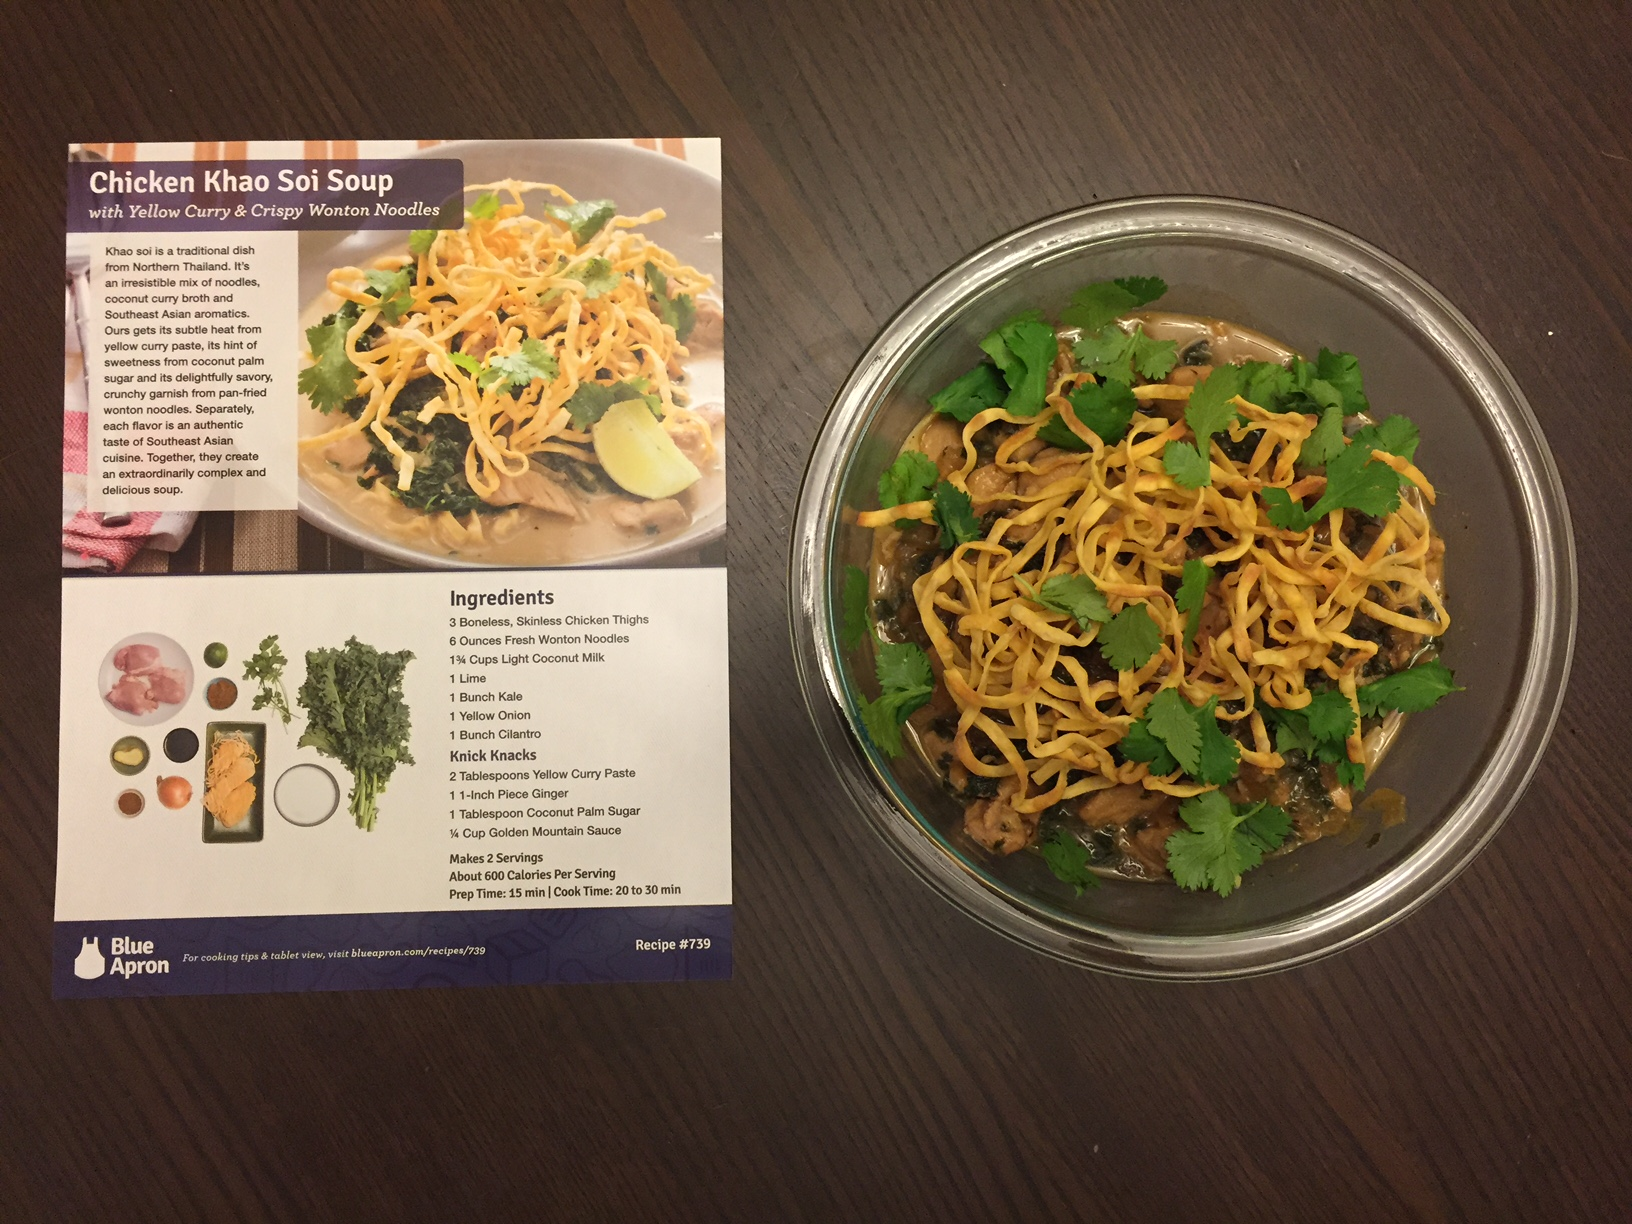 Blue apron wonton noodles - Feast Your Eyes